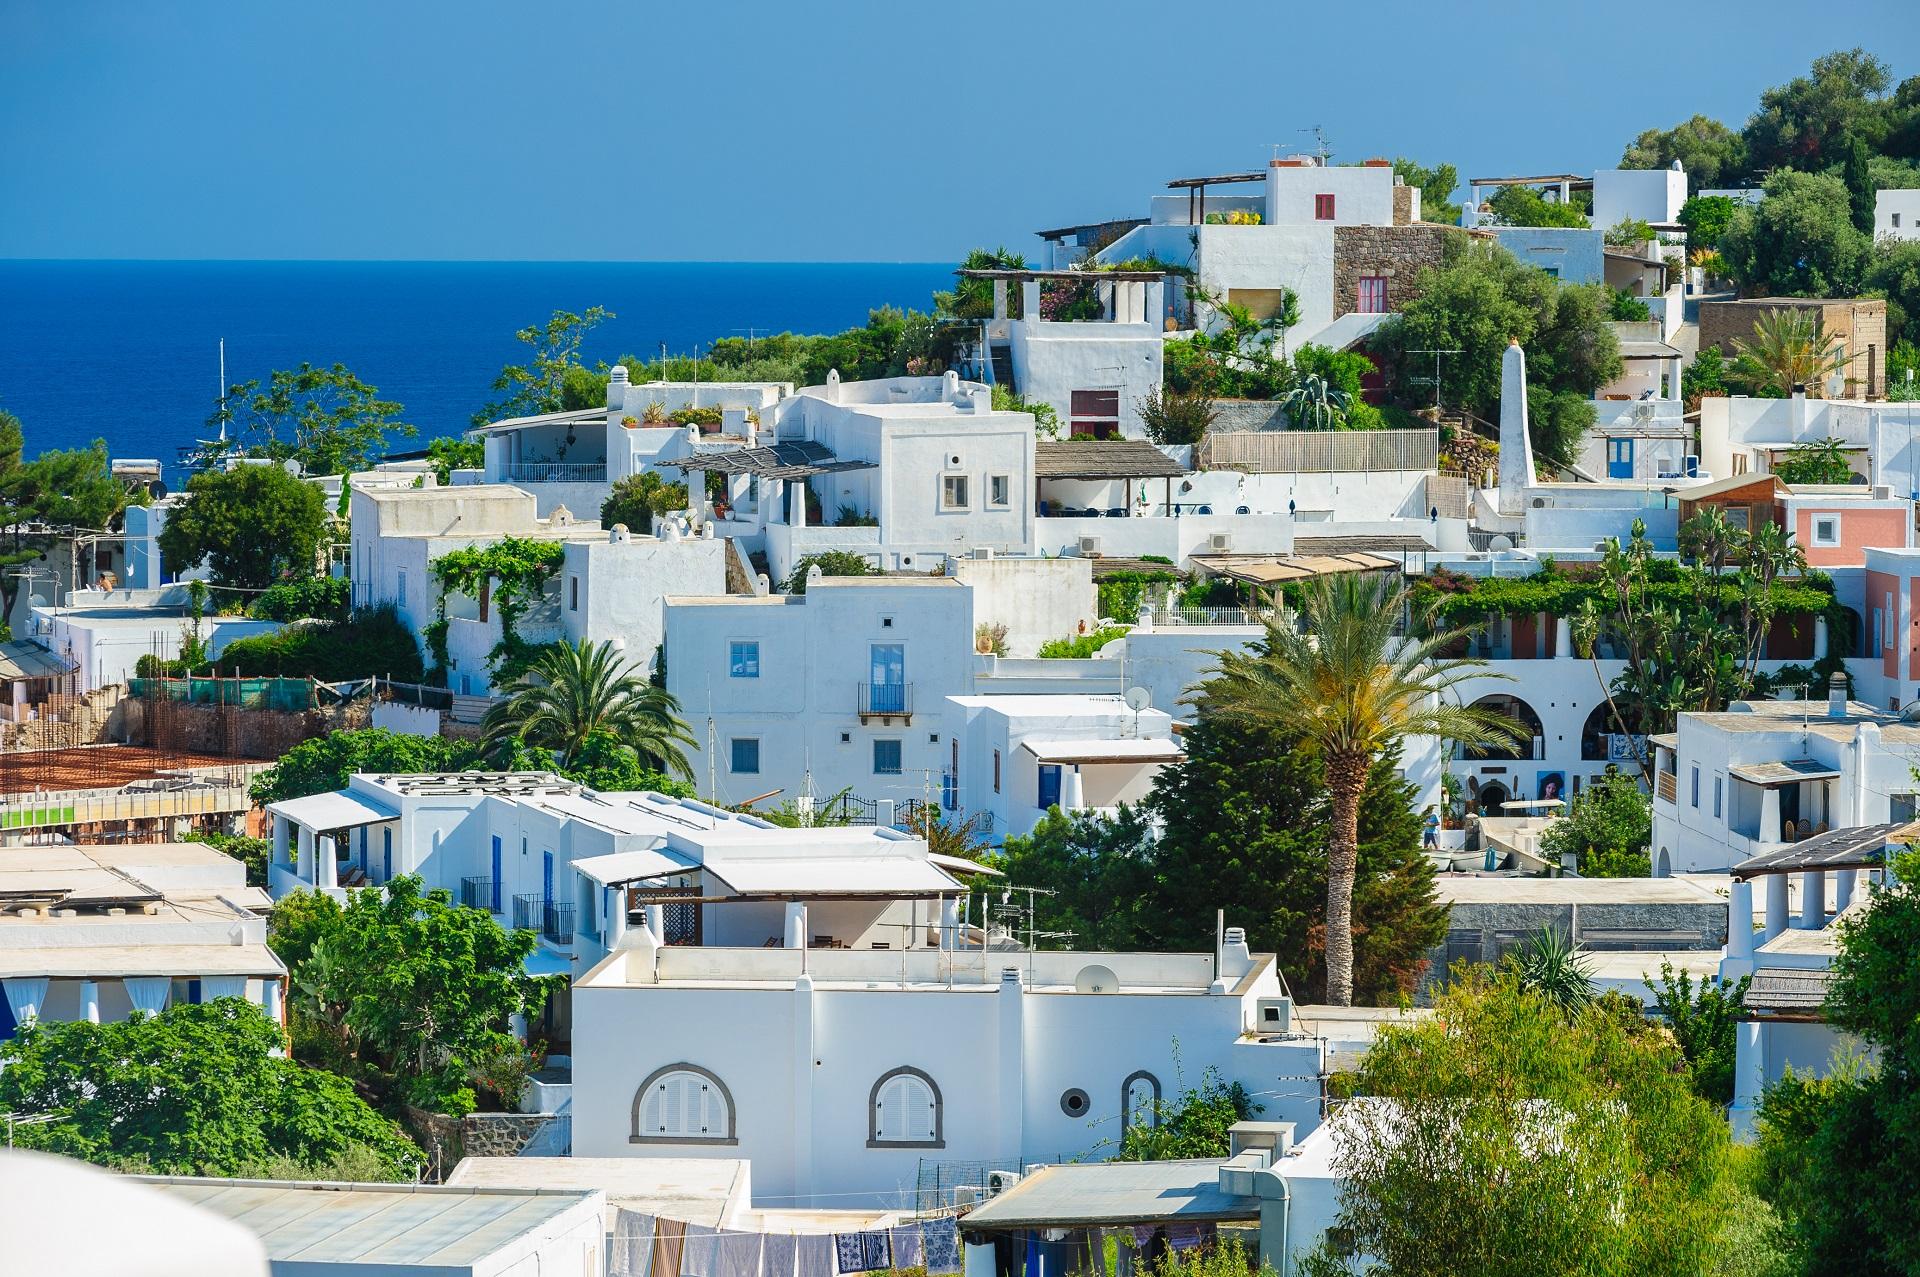 Blick auf die Inseln Panarea mit ihren typisch, strahlend weißen Häusern.